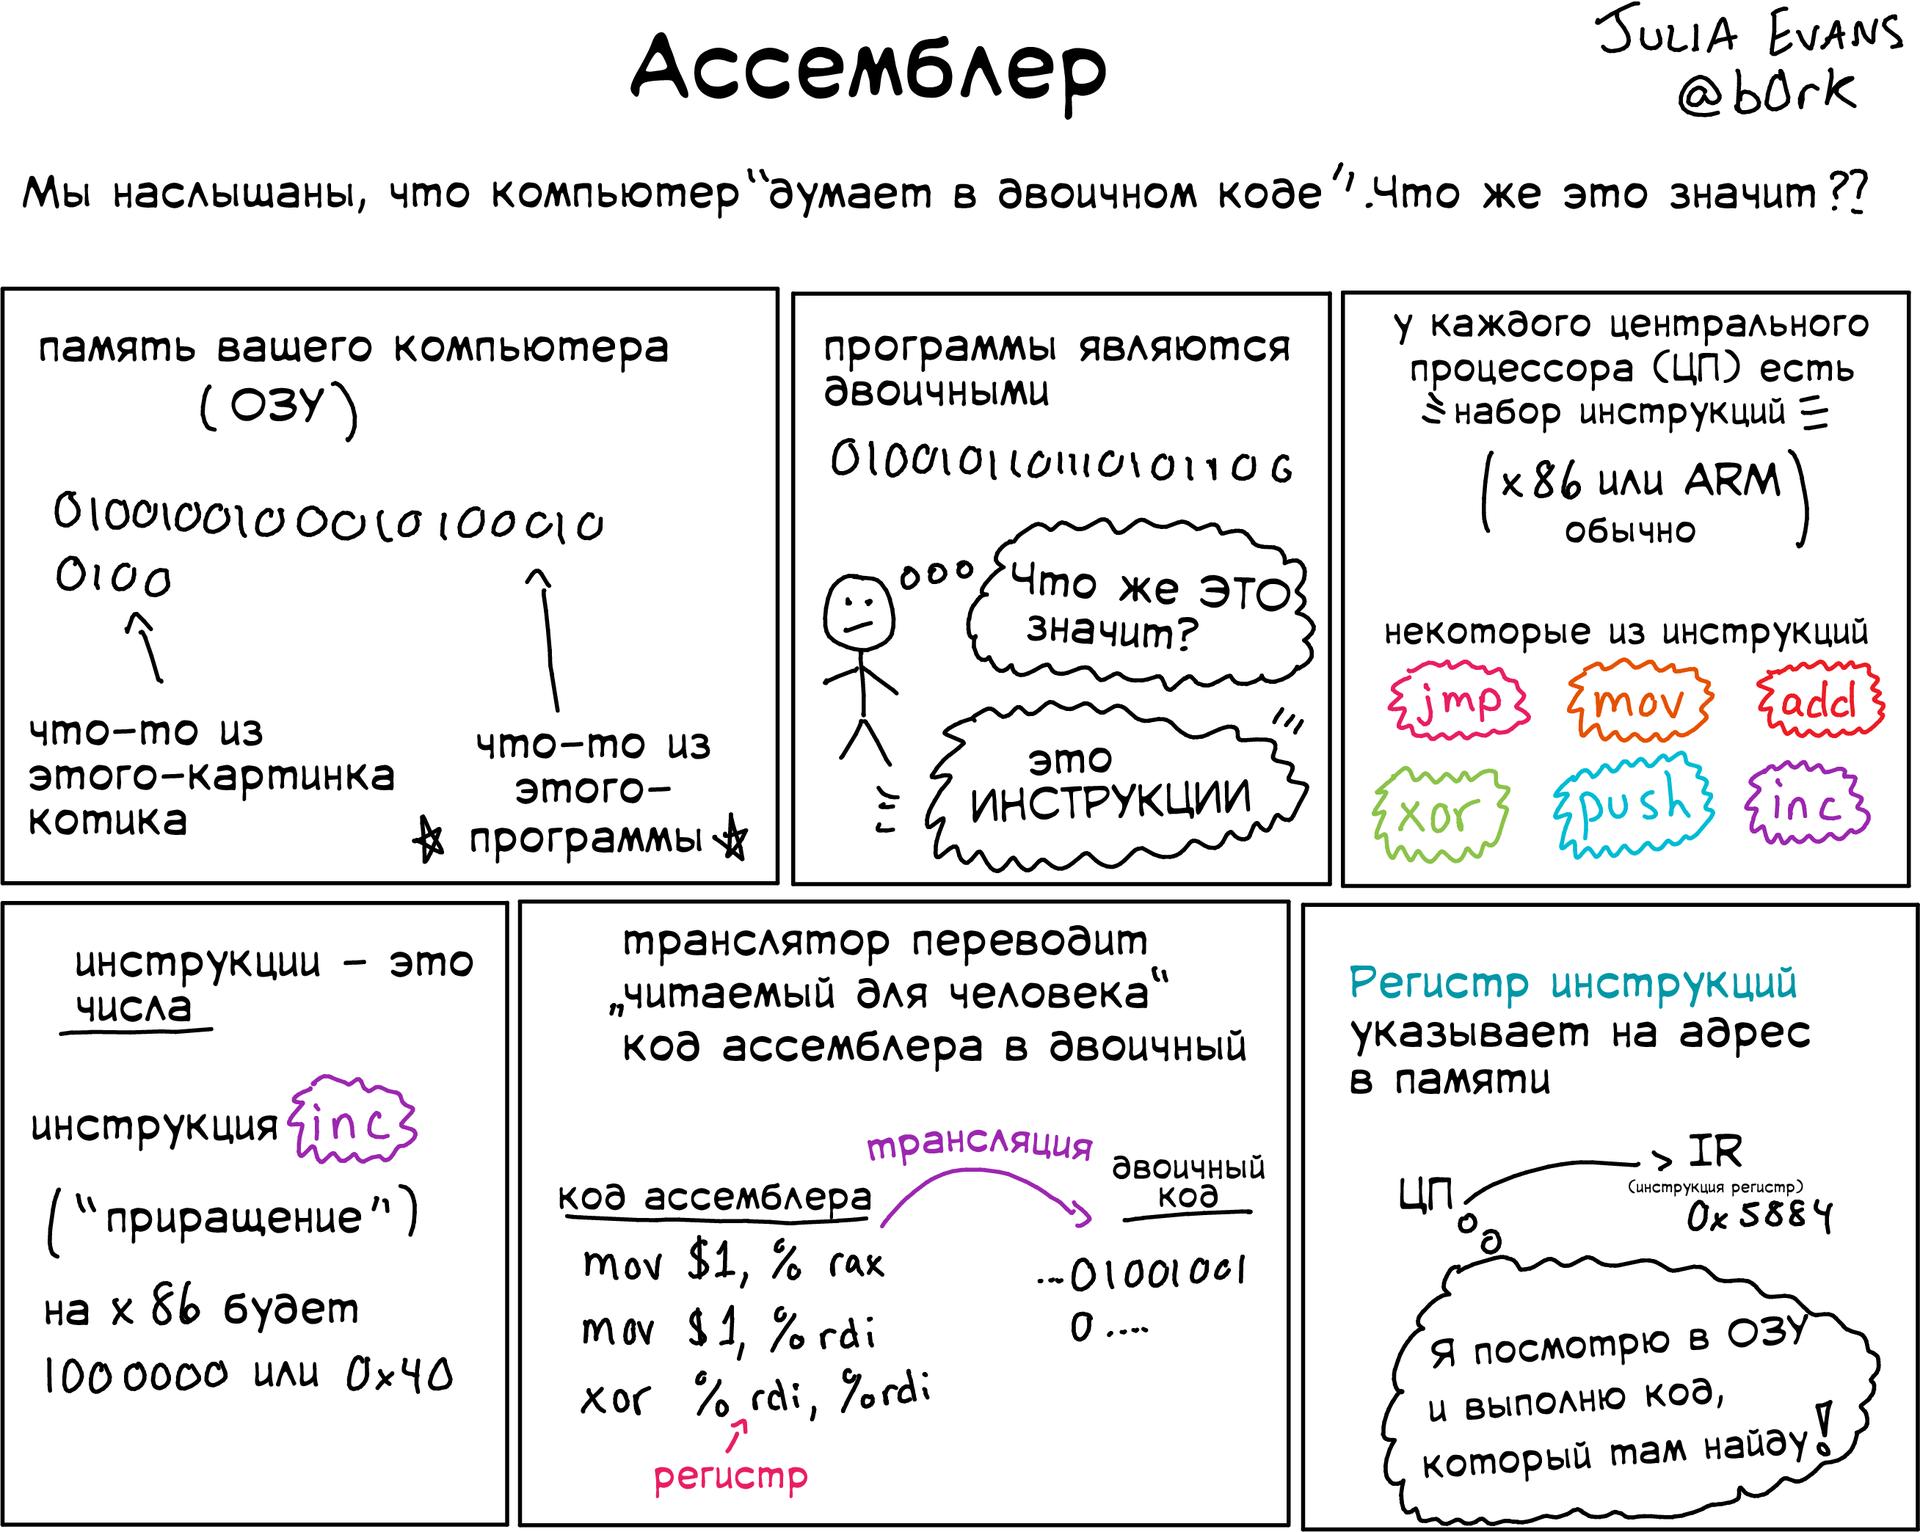 Подборка полезных слайдов от Джулии Эванс - 8